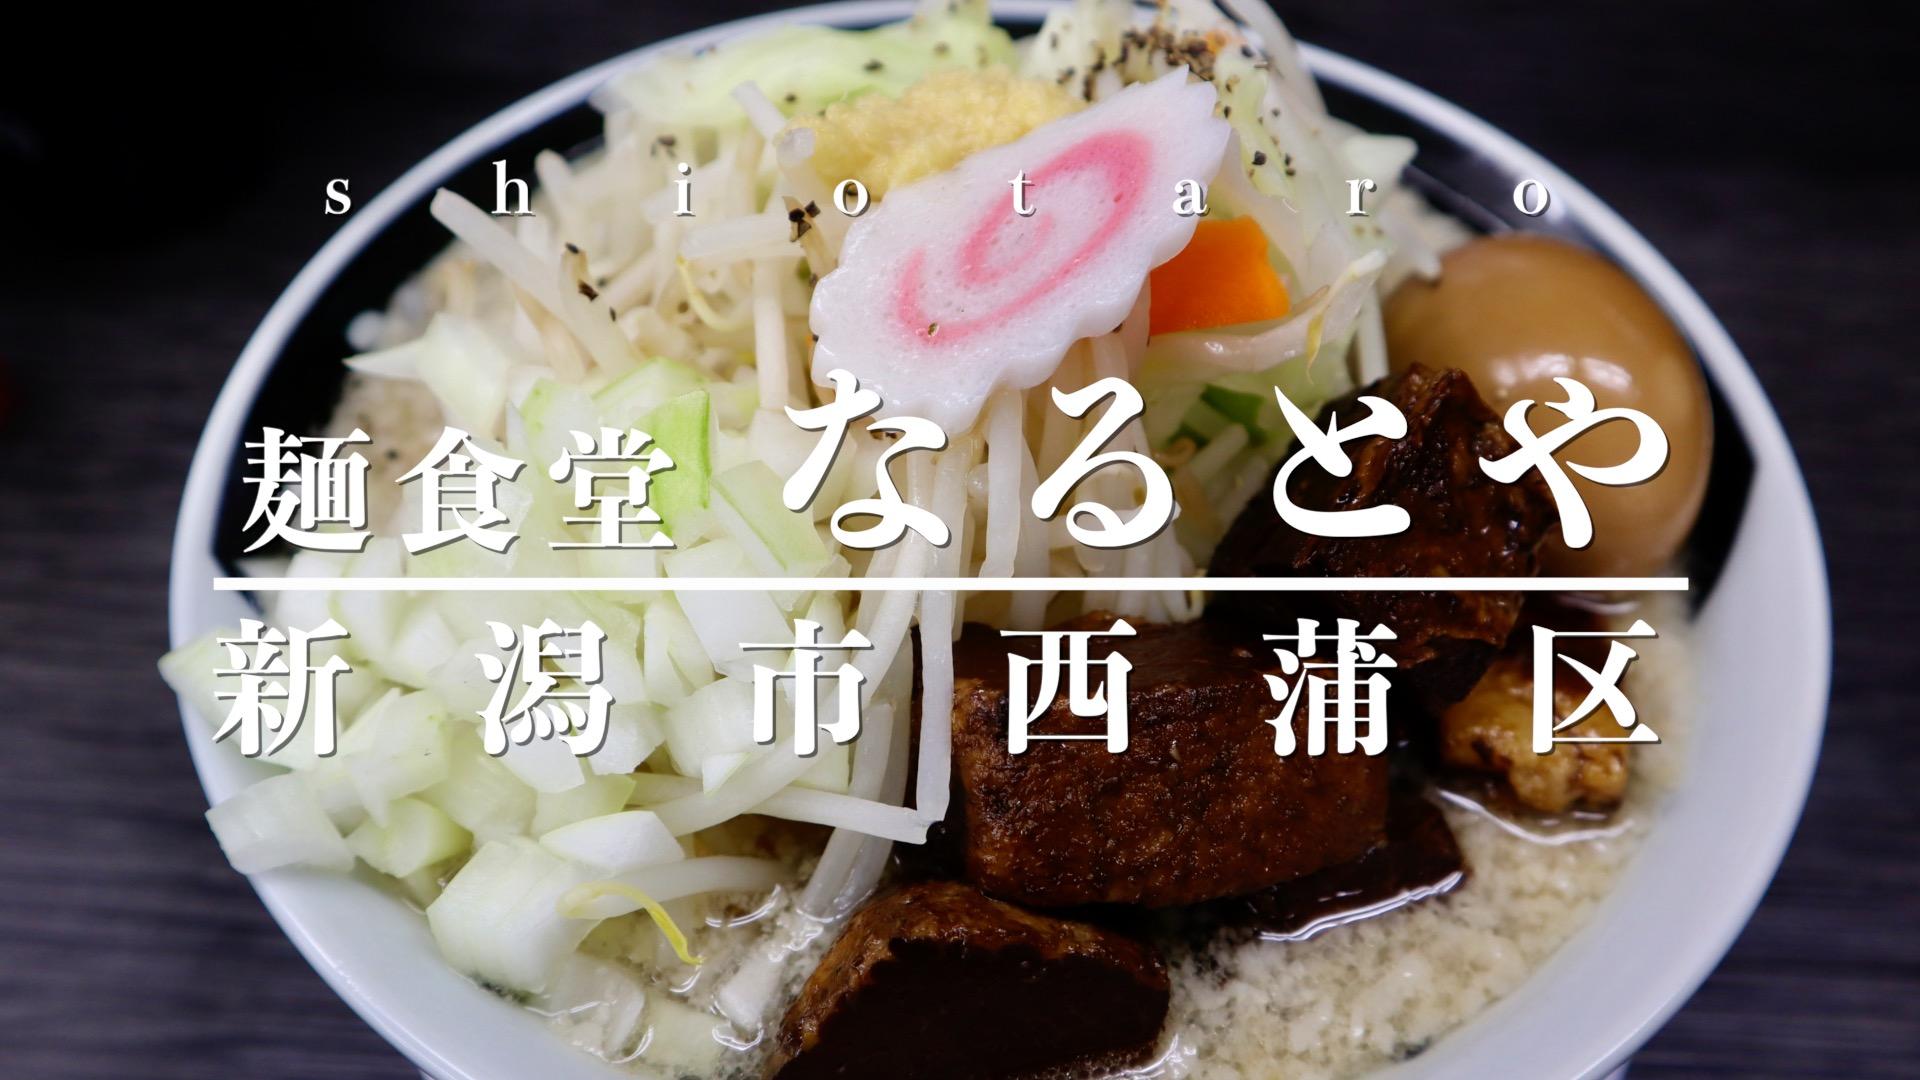 麺食堂なるとやのアイキャッチ画像